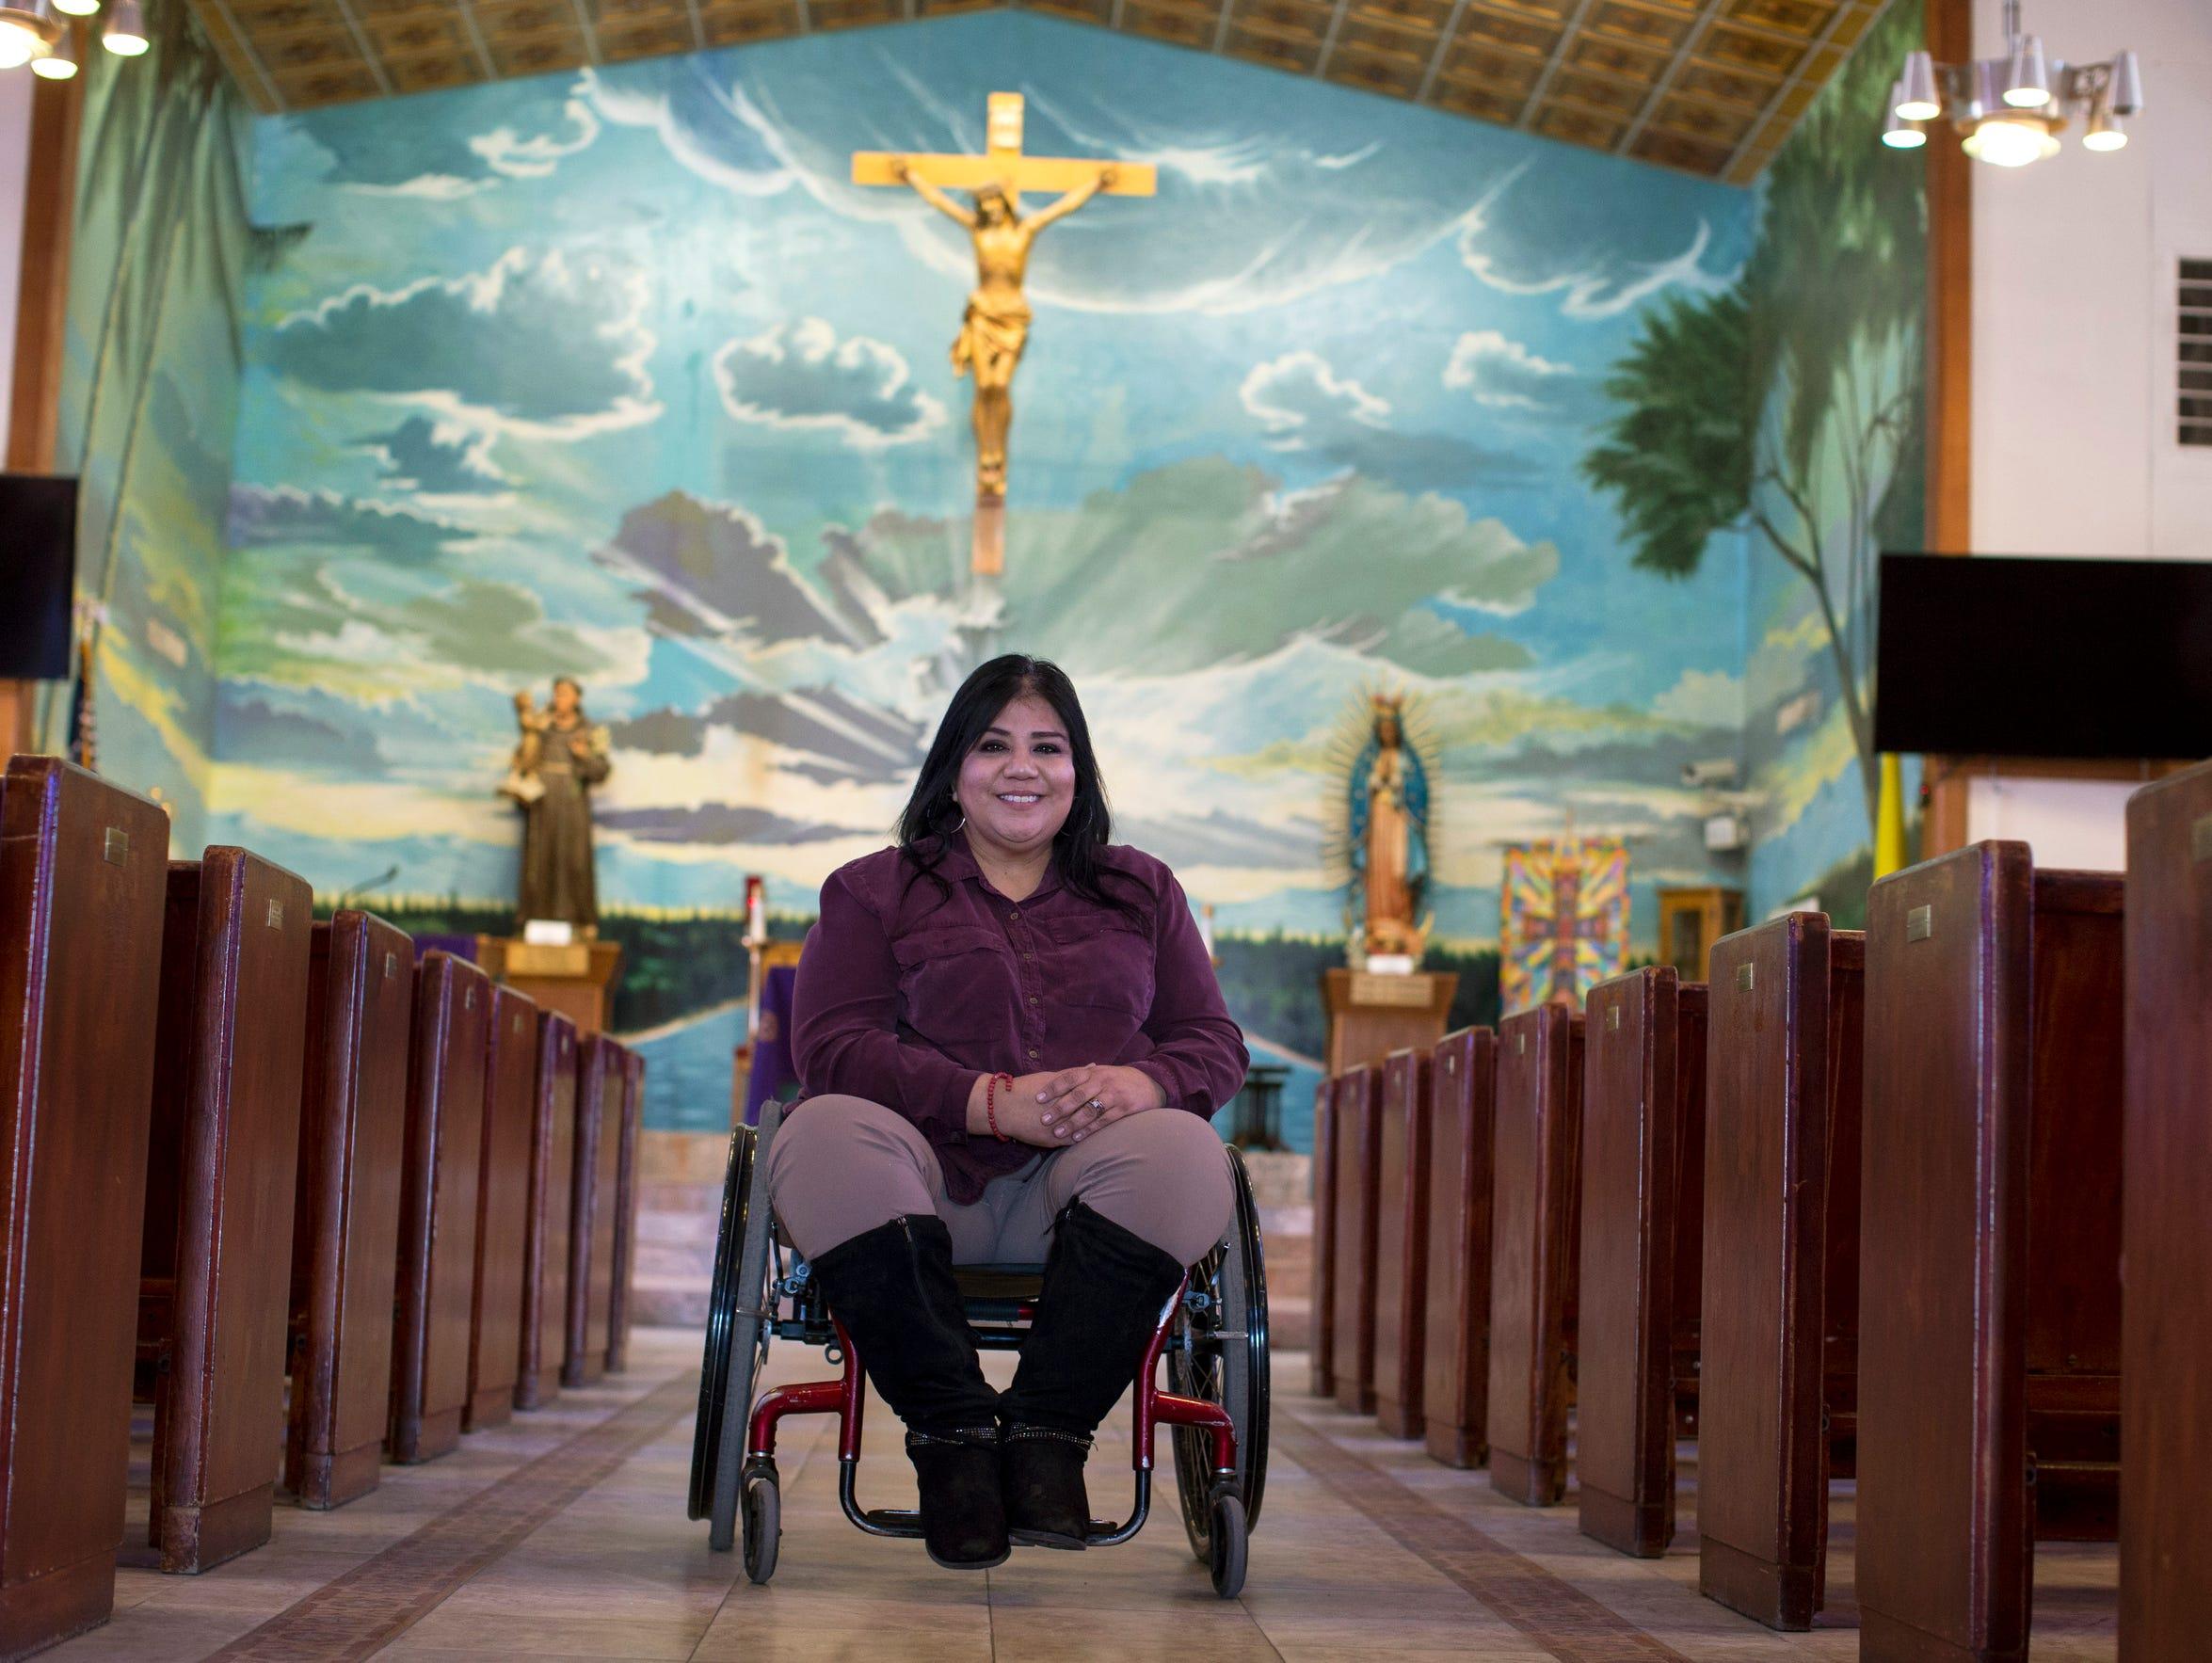 Anthony city Mayor Diana Murillo-Trujillo poses for